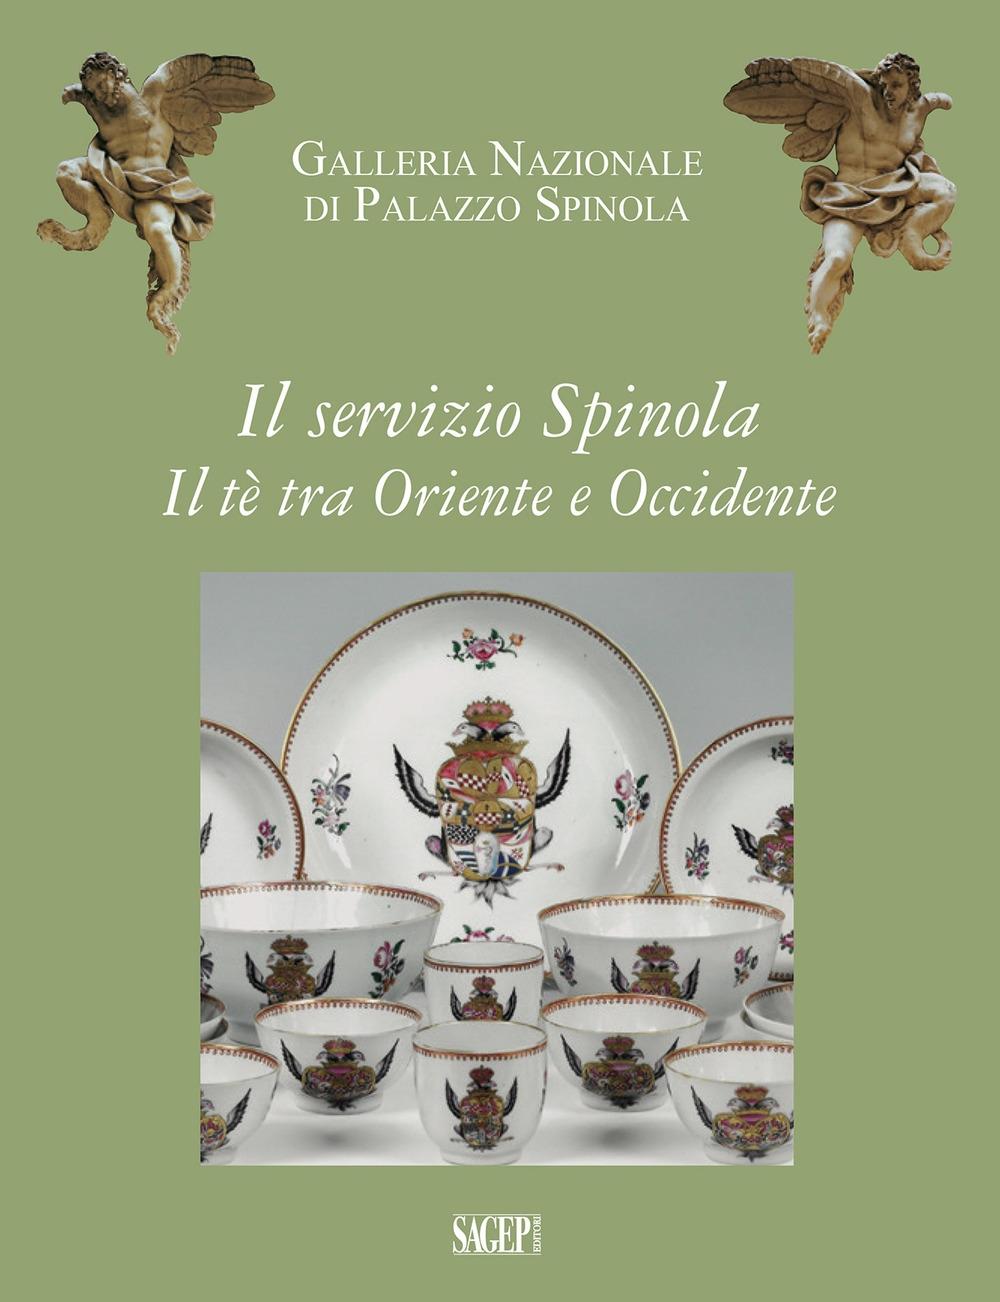 Il servizio Spinola. Il tè fra Oriente e Occidente